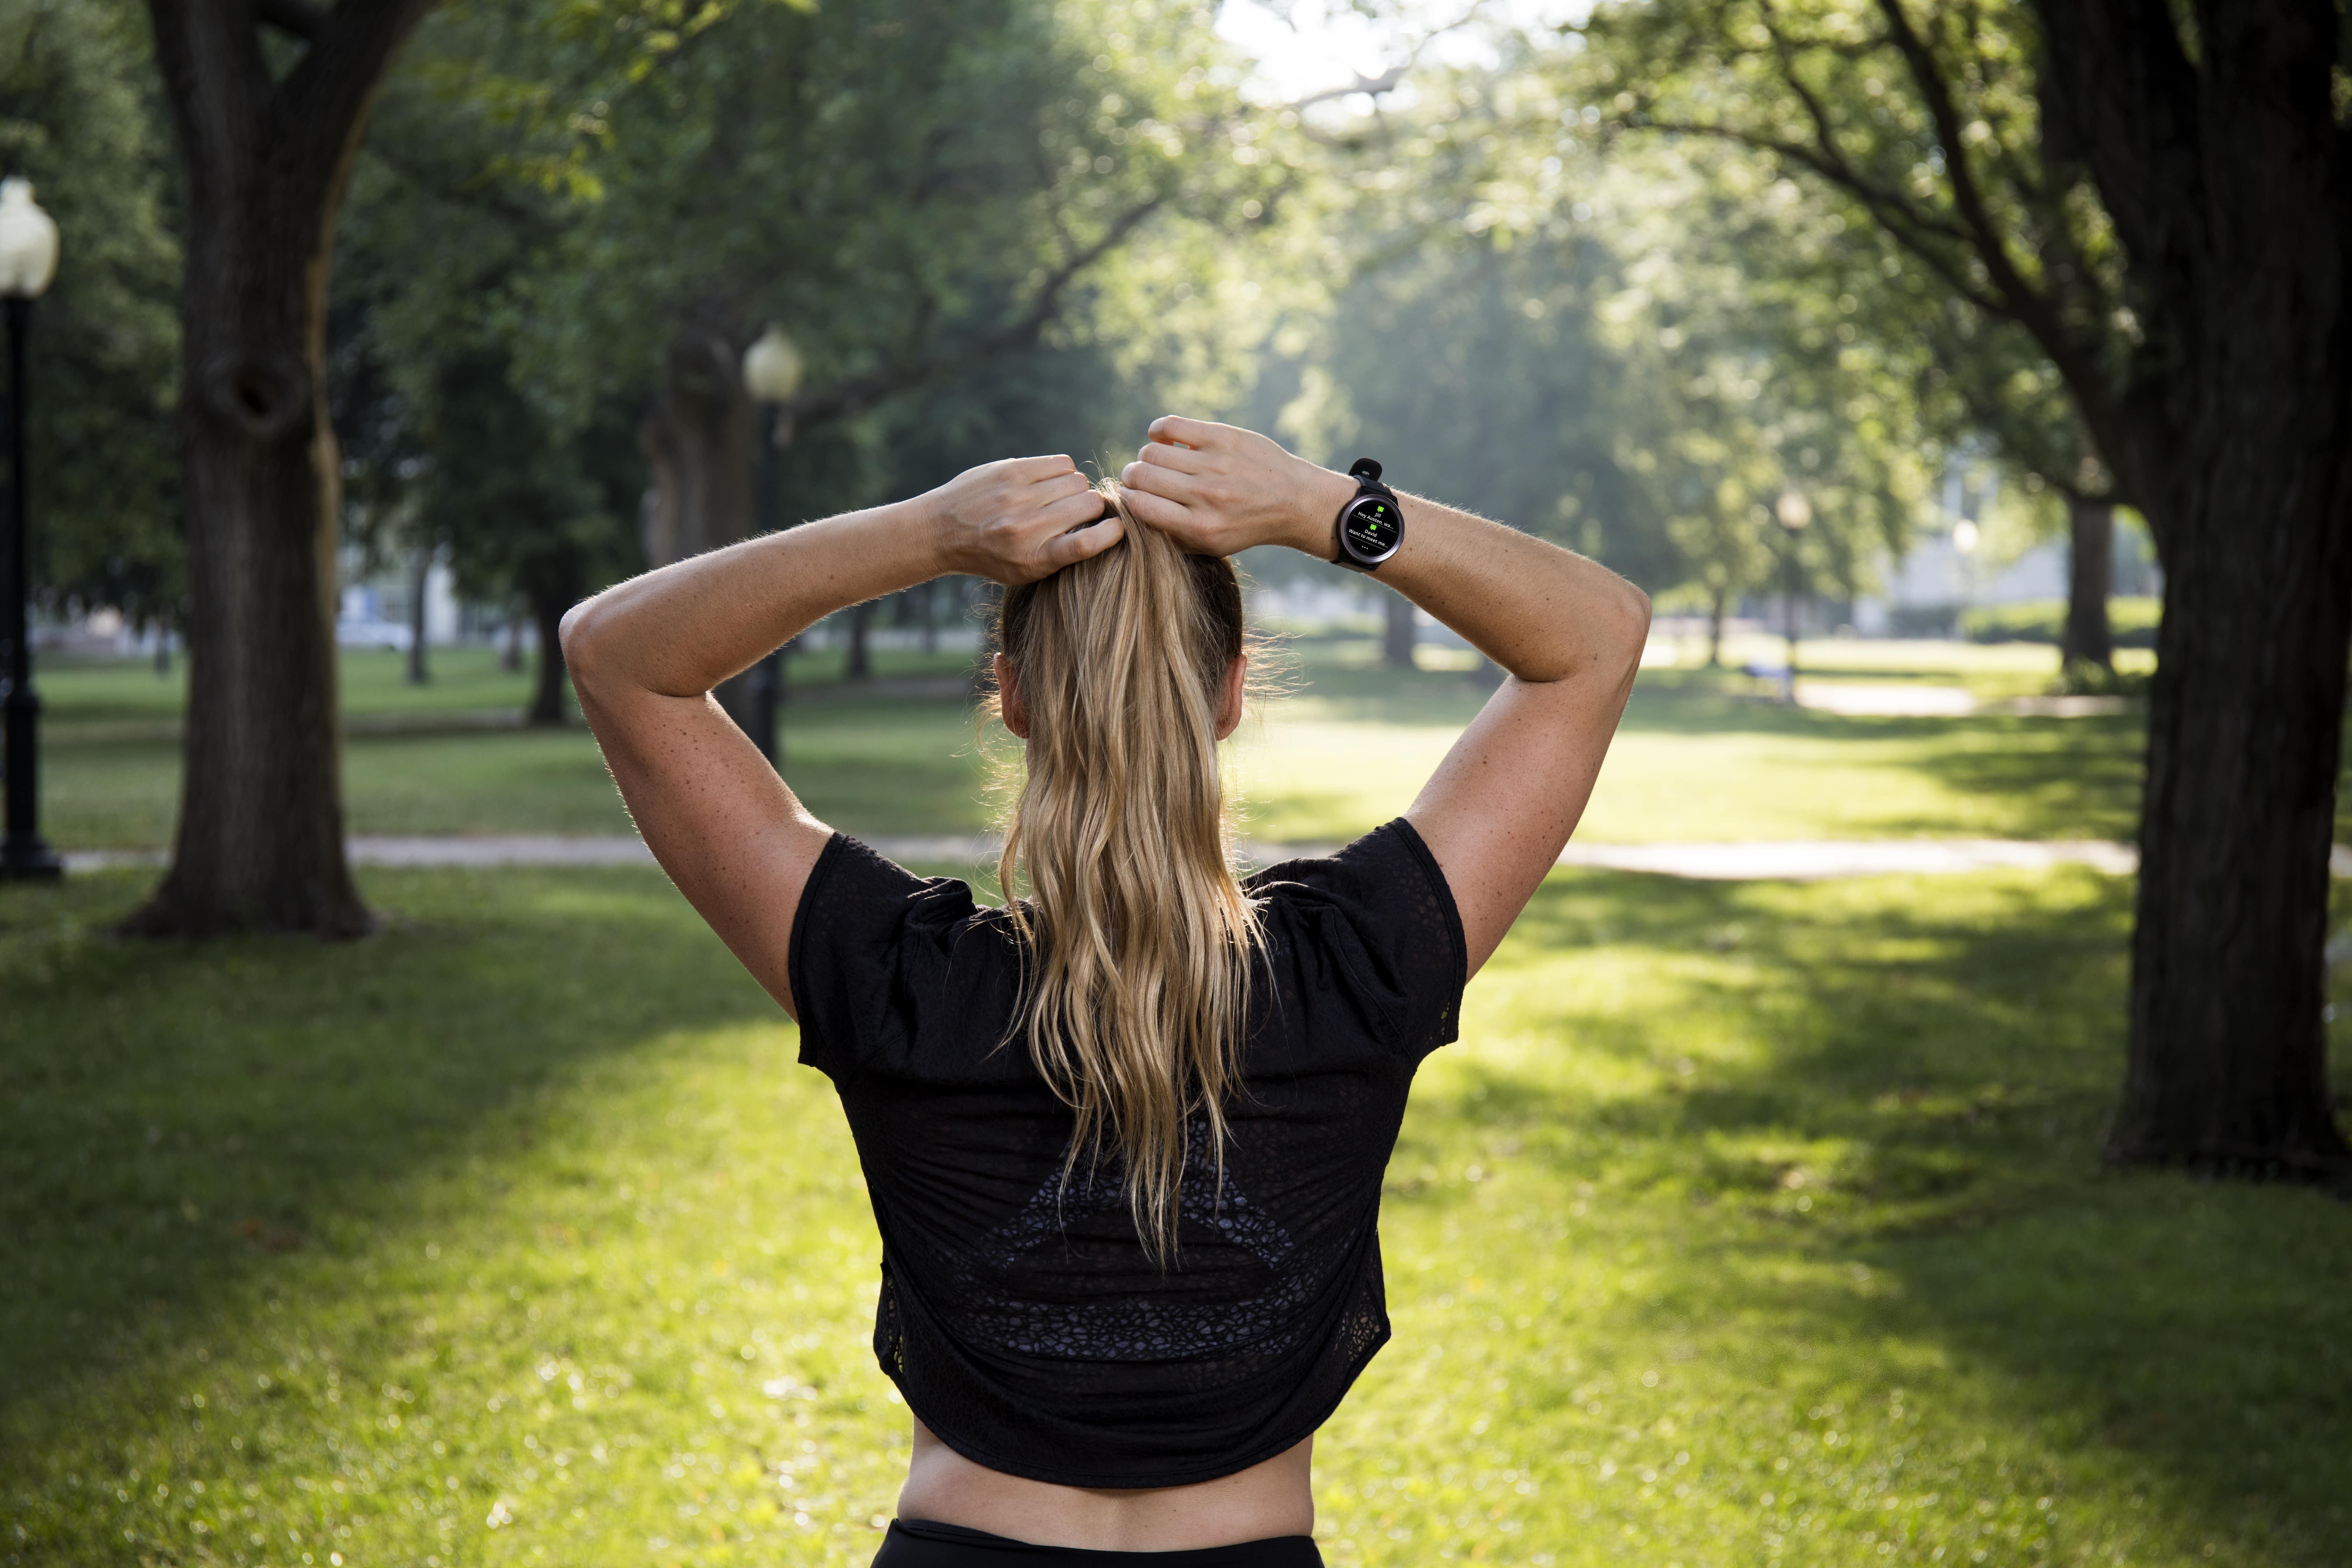 Beginnen met hardlopen: hier moet je aan denken. Alle ins en